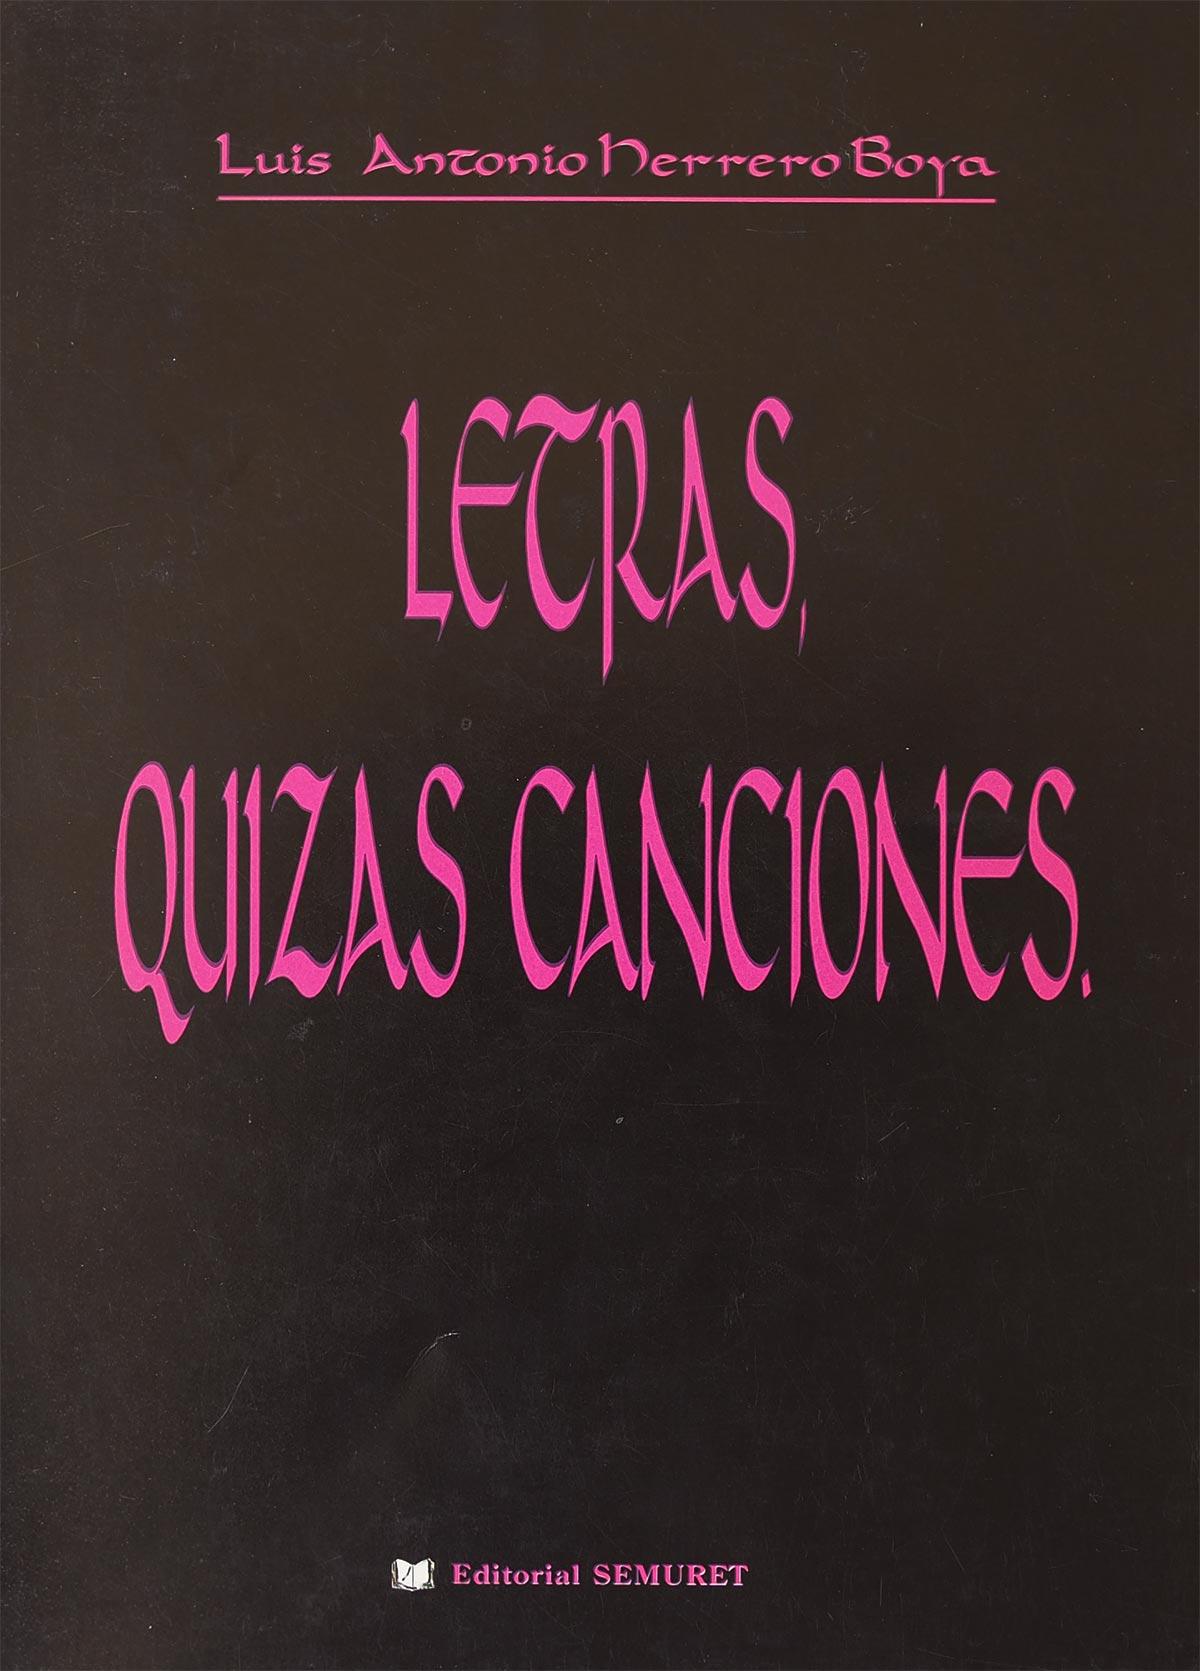 letras-quizas-canciones-luis-antonio-herrero-boya-editorial-semuret